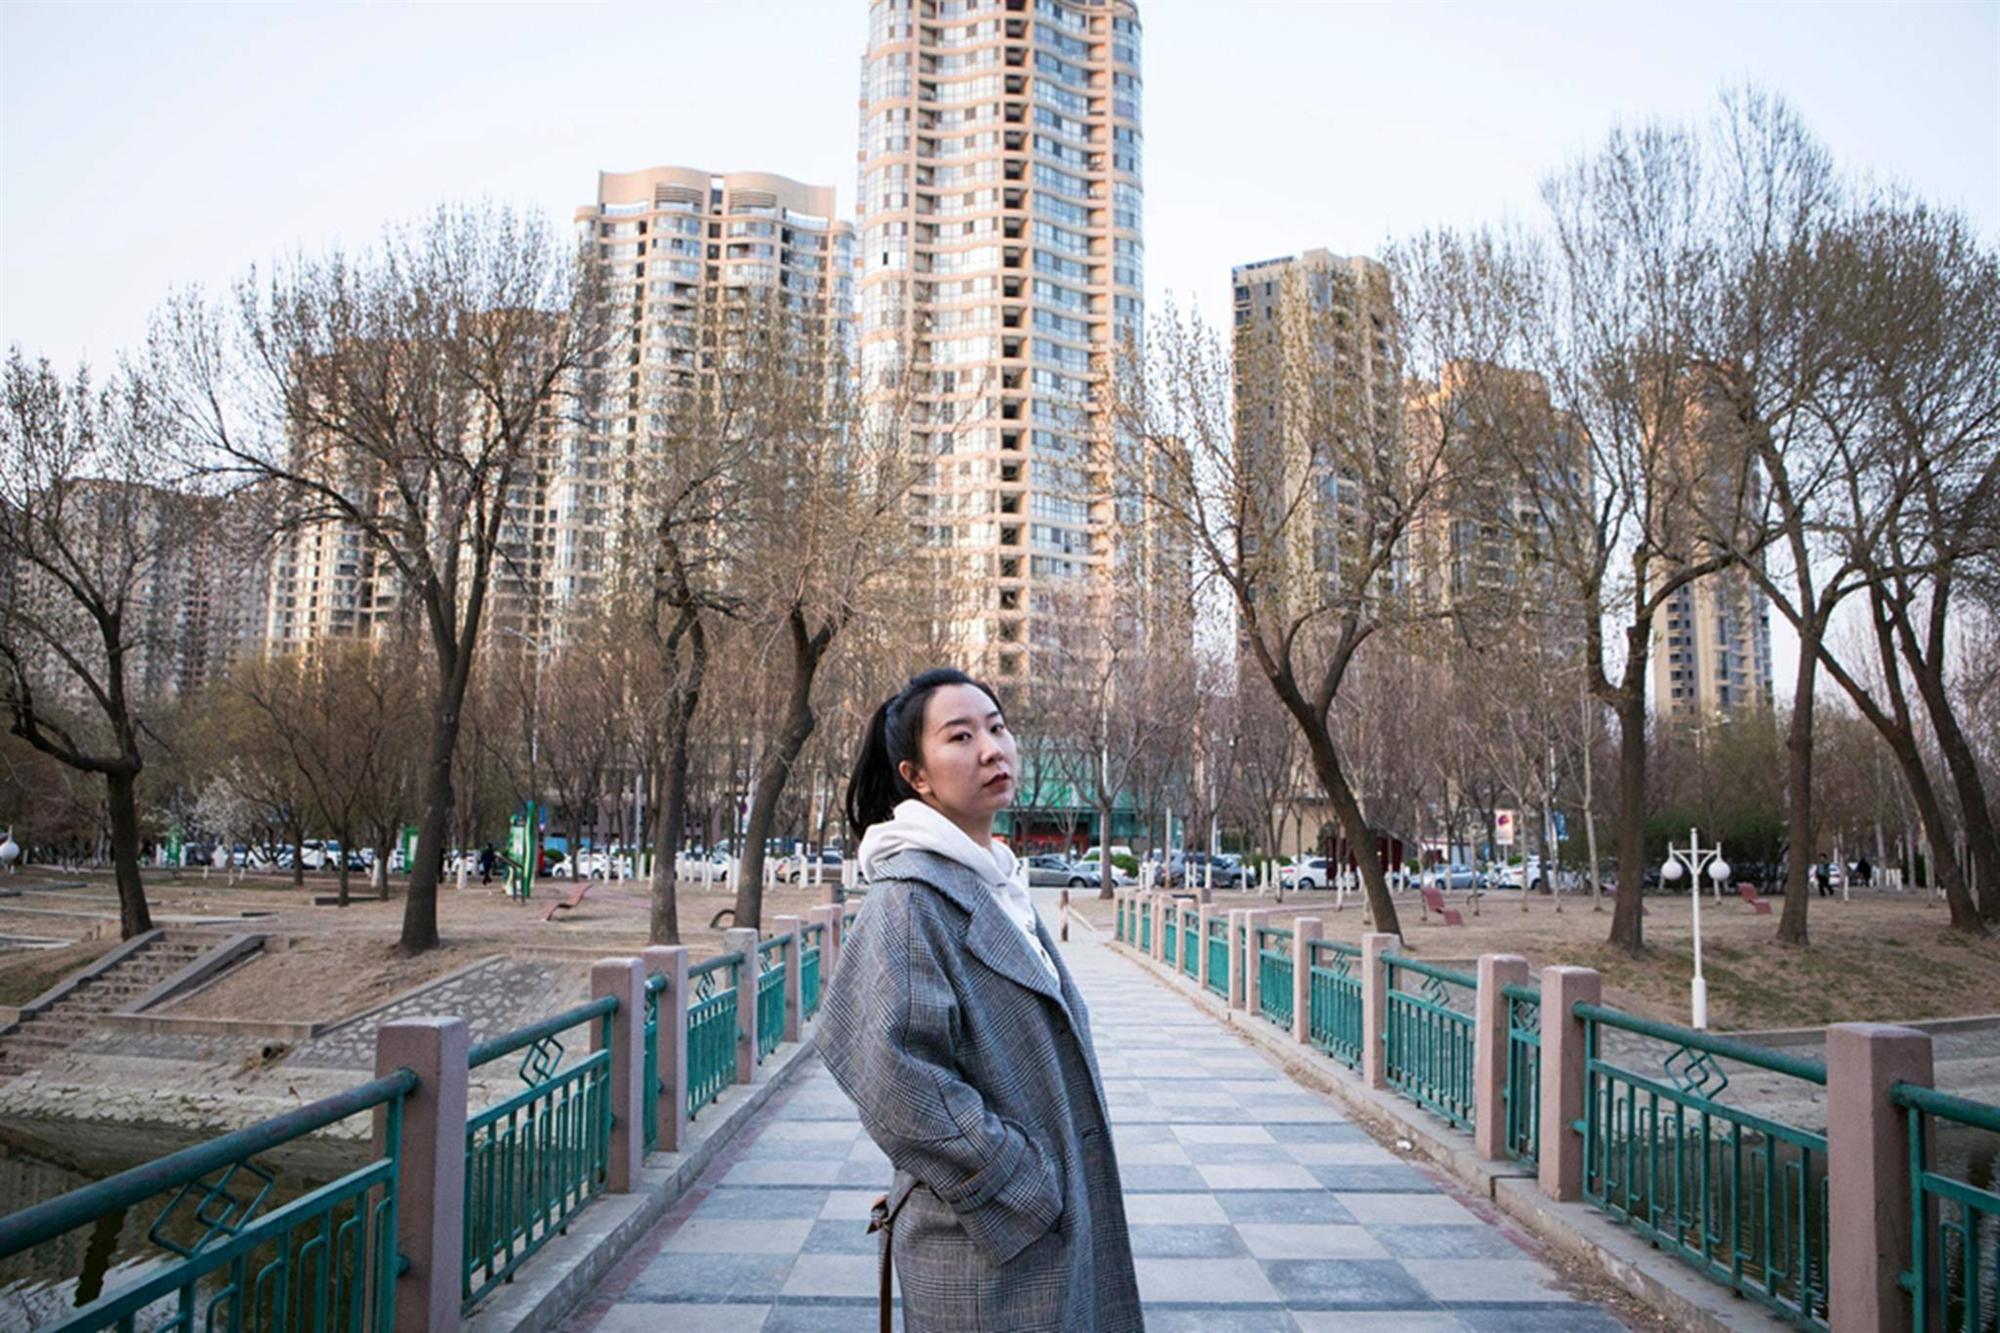 Phụ nữ Trung Quốc bất mãn trước áp lực nghỉ làm, ở nhà sinh con-2